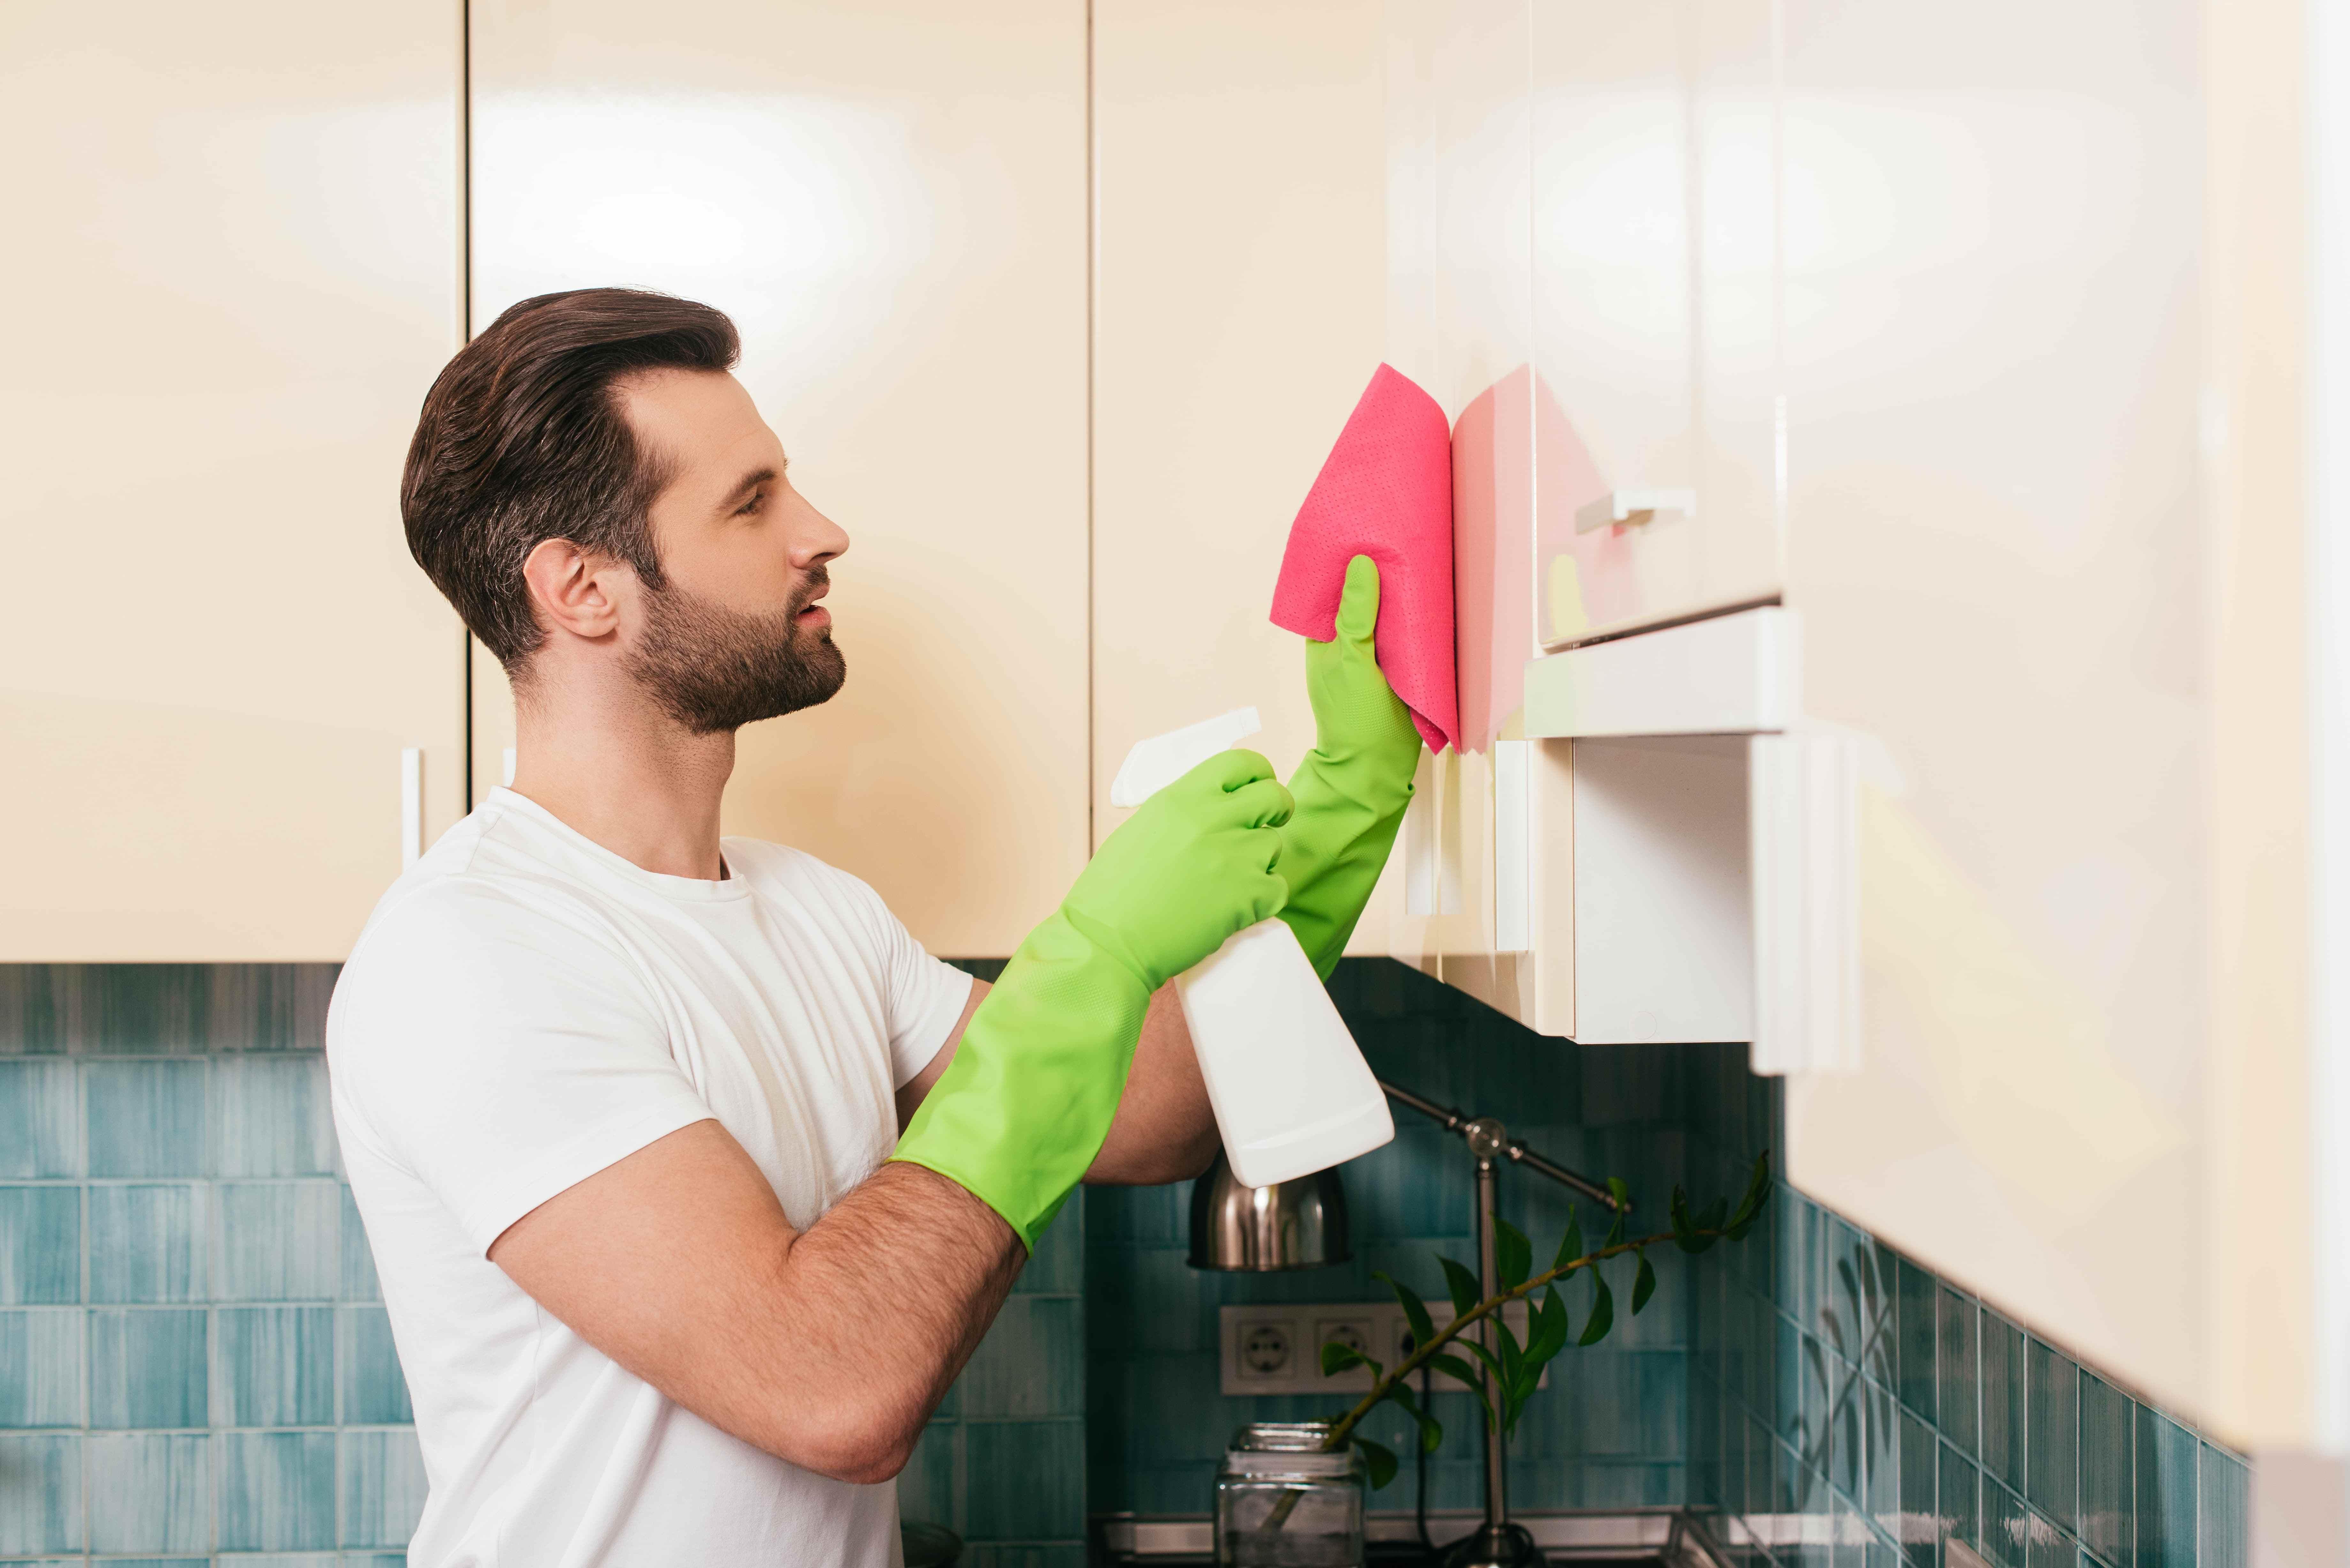 Hygienische Gründe sprechen für eine regelmäßige Reinigung der Küche.